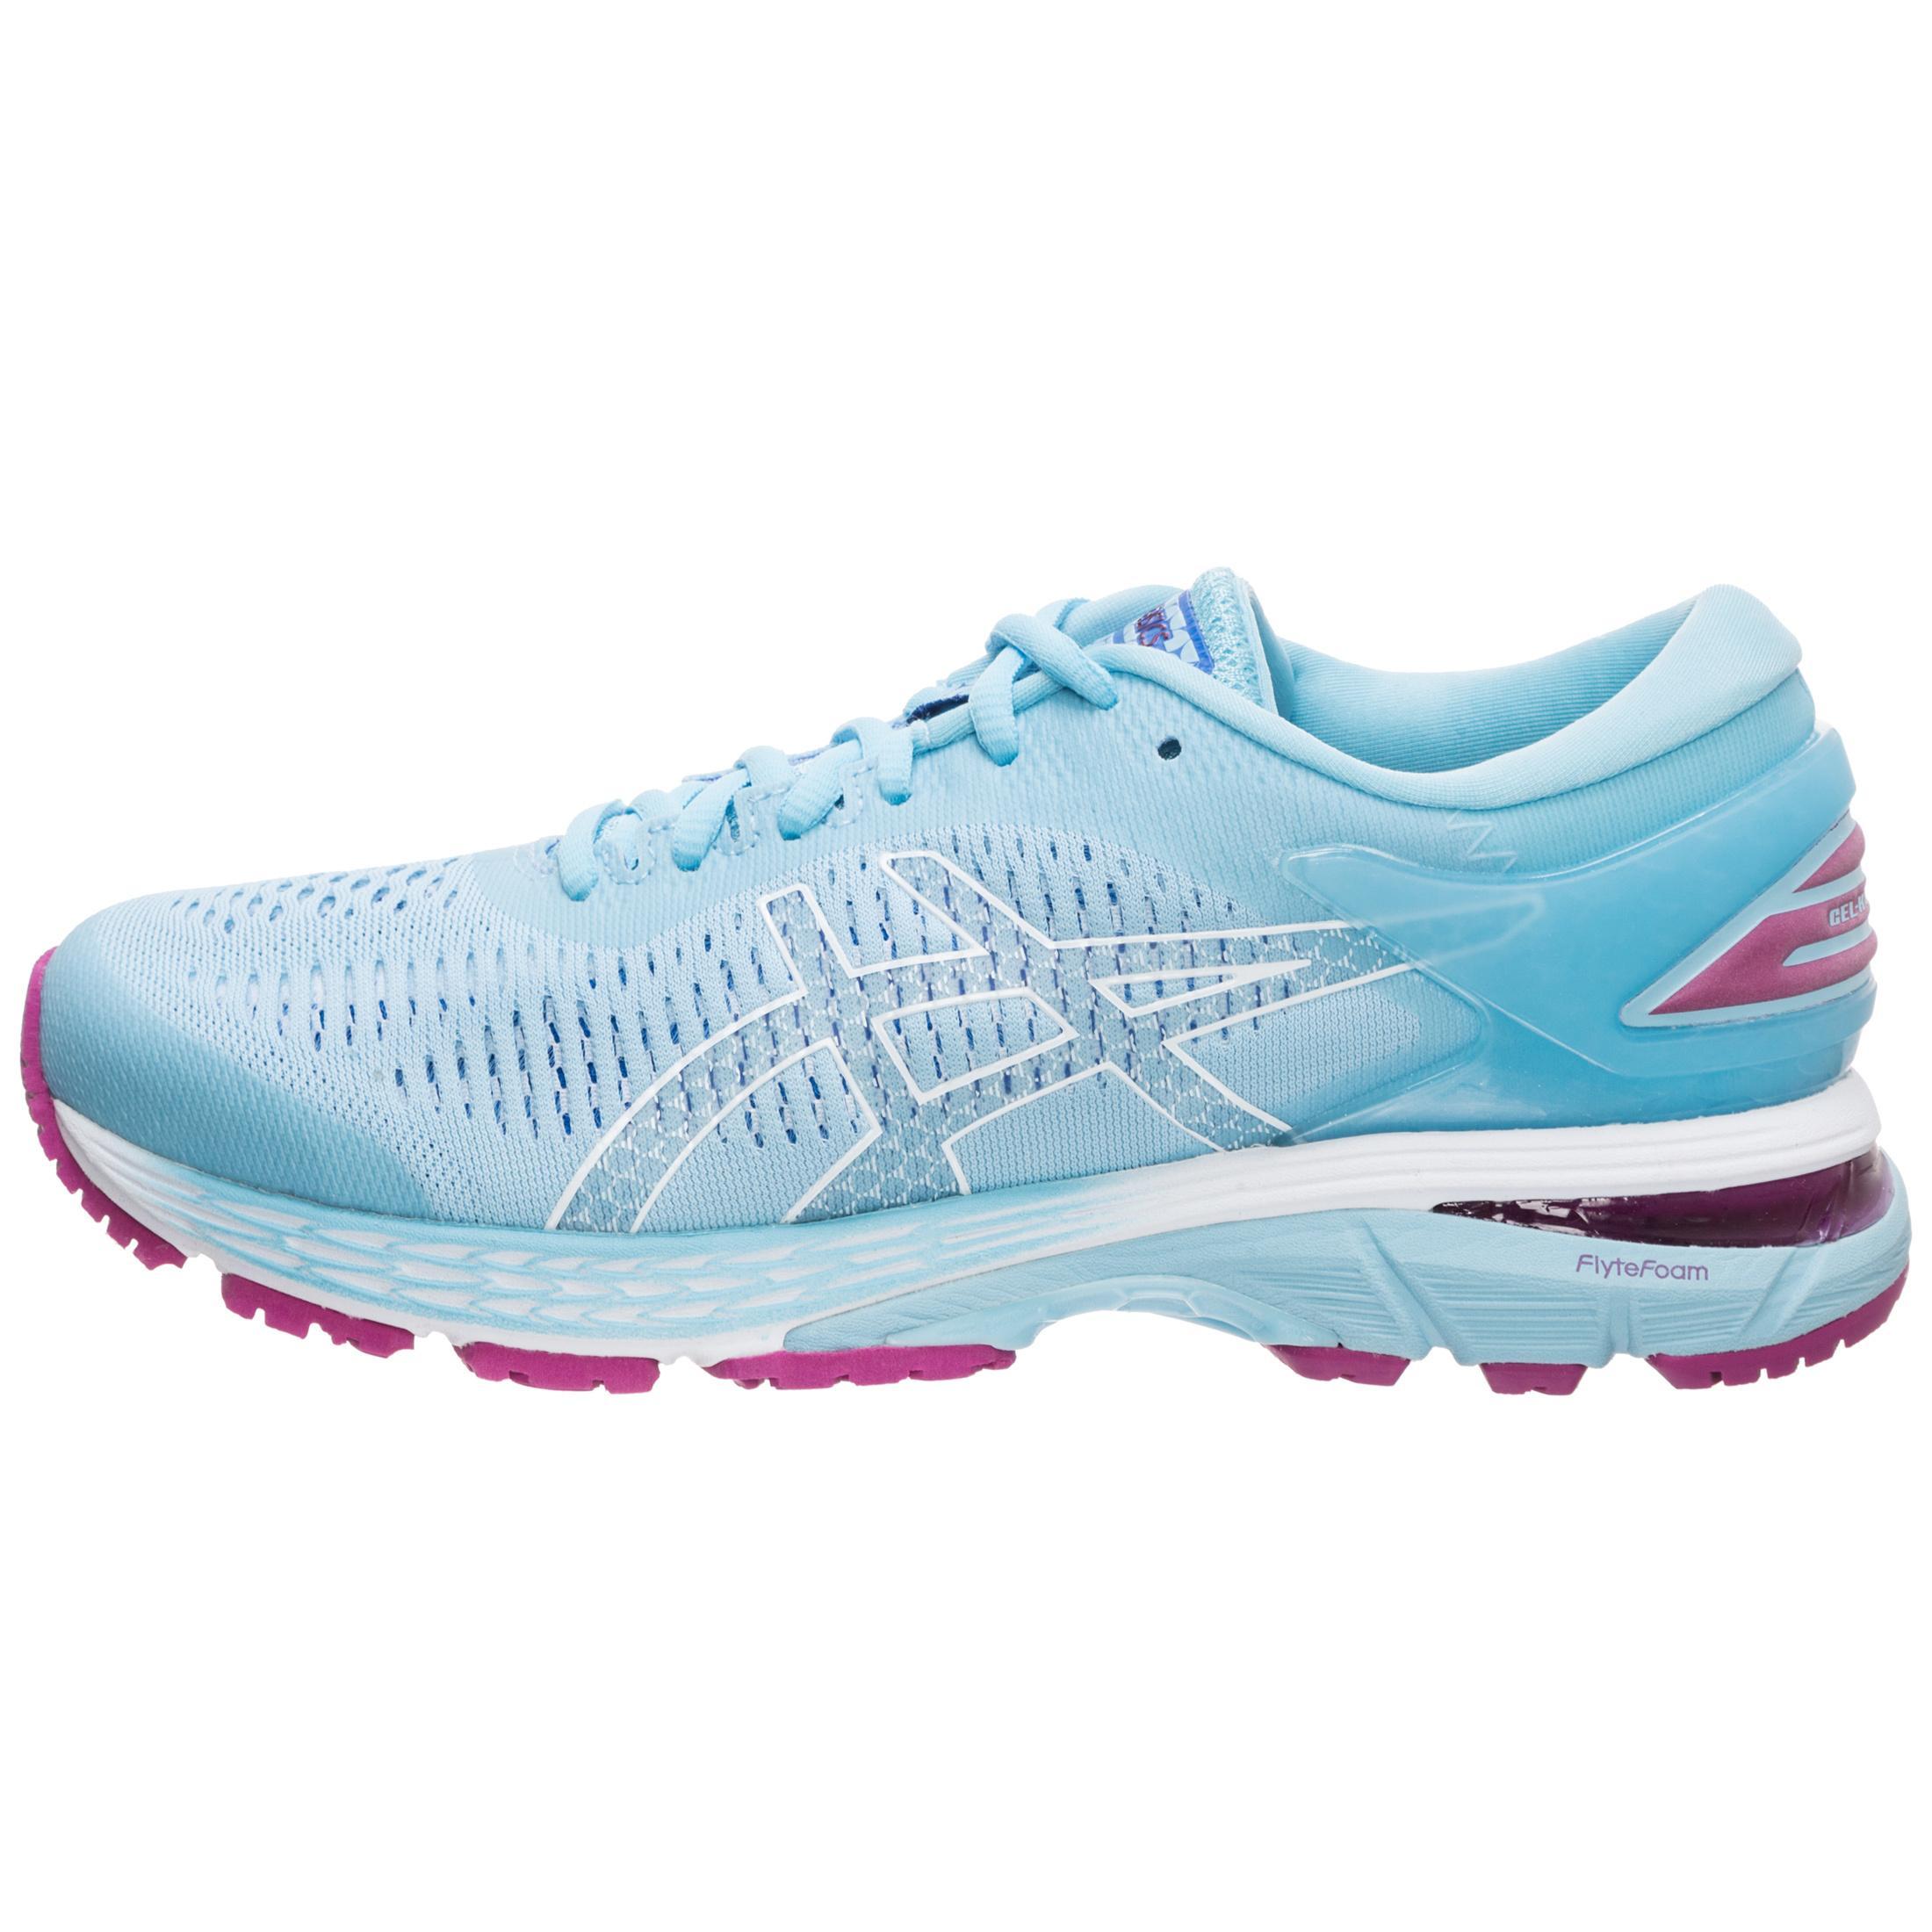 ASICS Gel-Kayano Gel-Kayano Gel-Kayano 25 Laufschuhe Damen hellblau   blau im Online Shop von SportScheck kaufen Gute Qualität beliebte Schuhe 125d8f